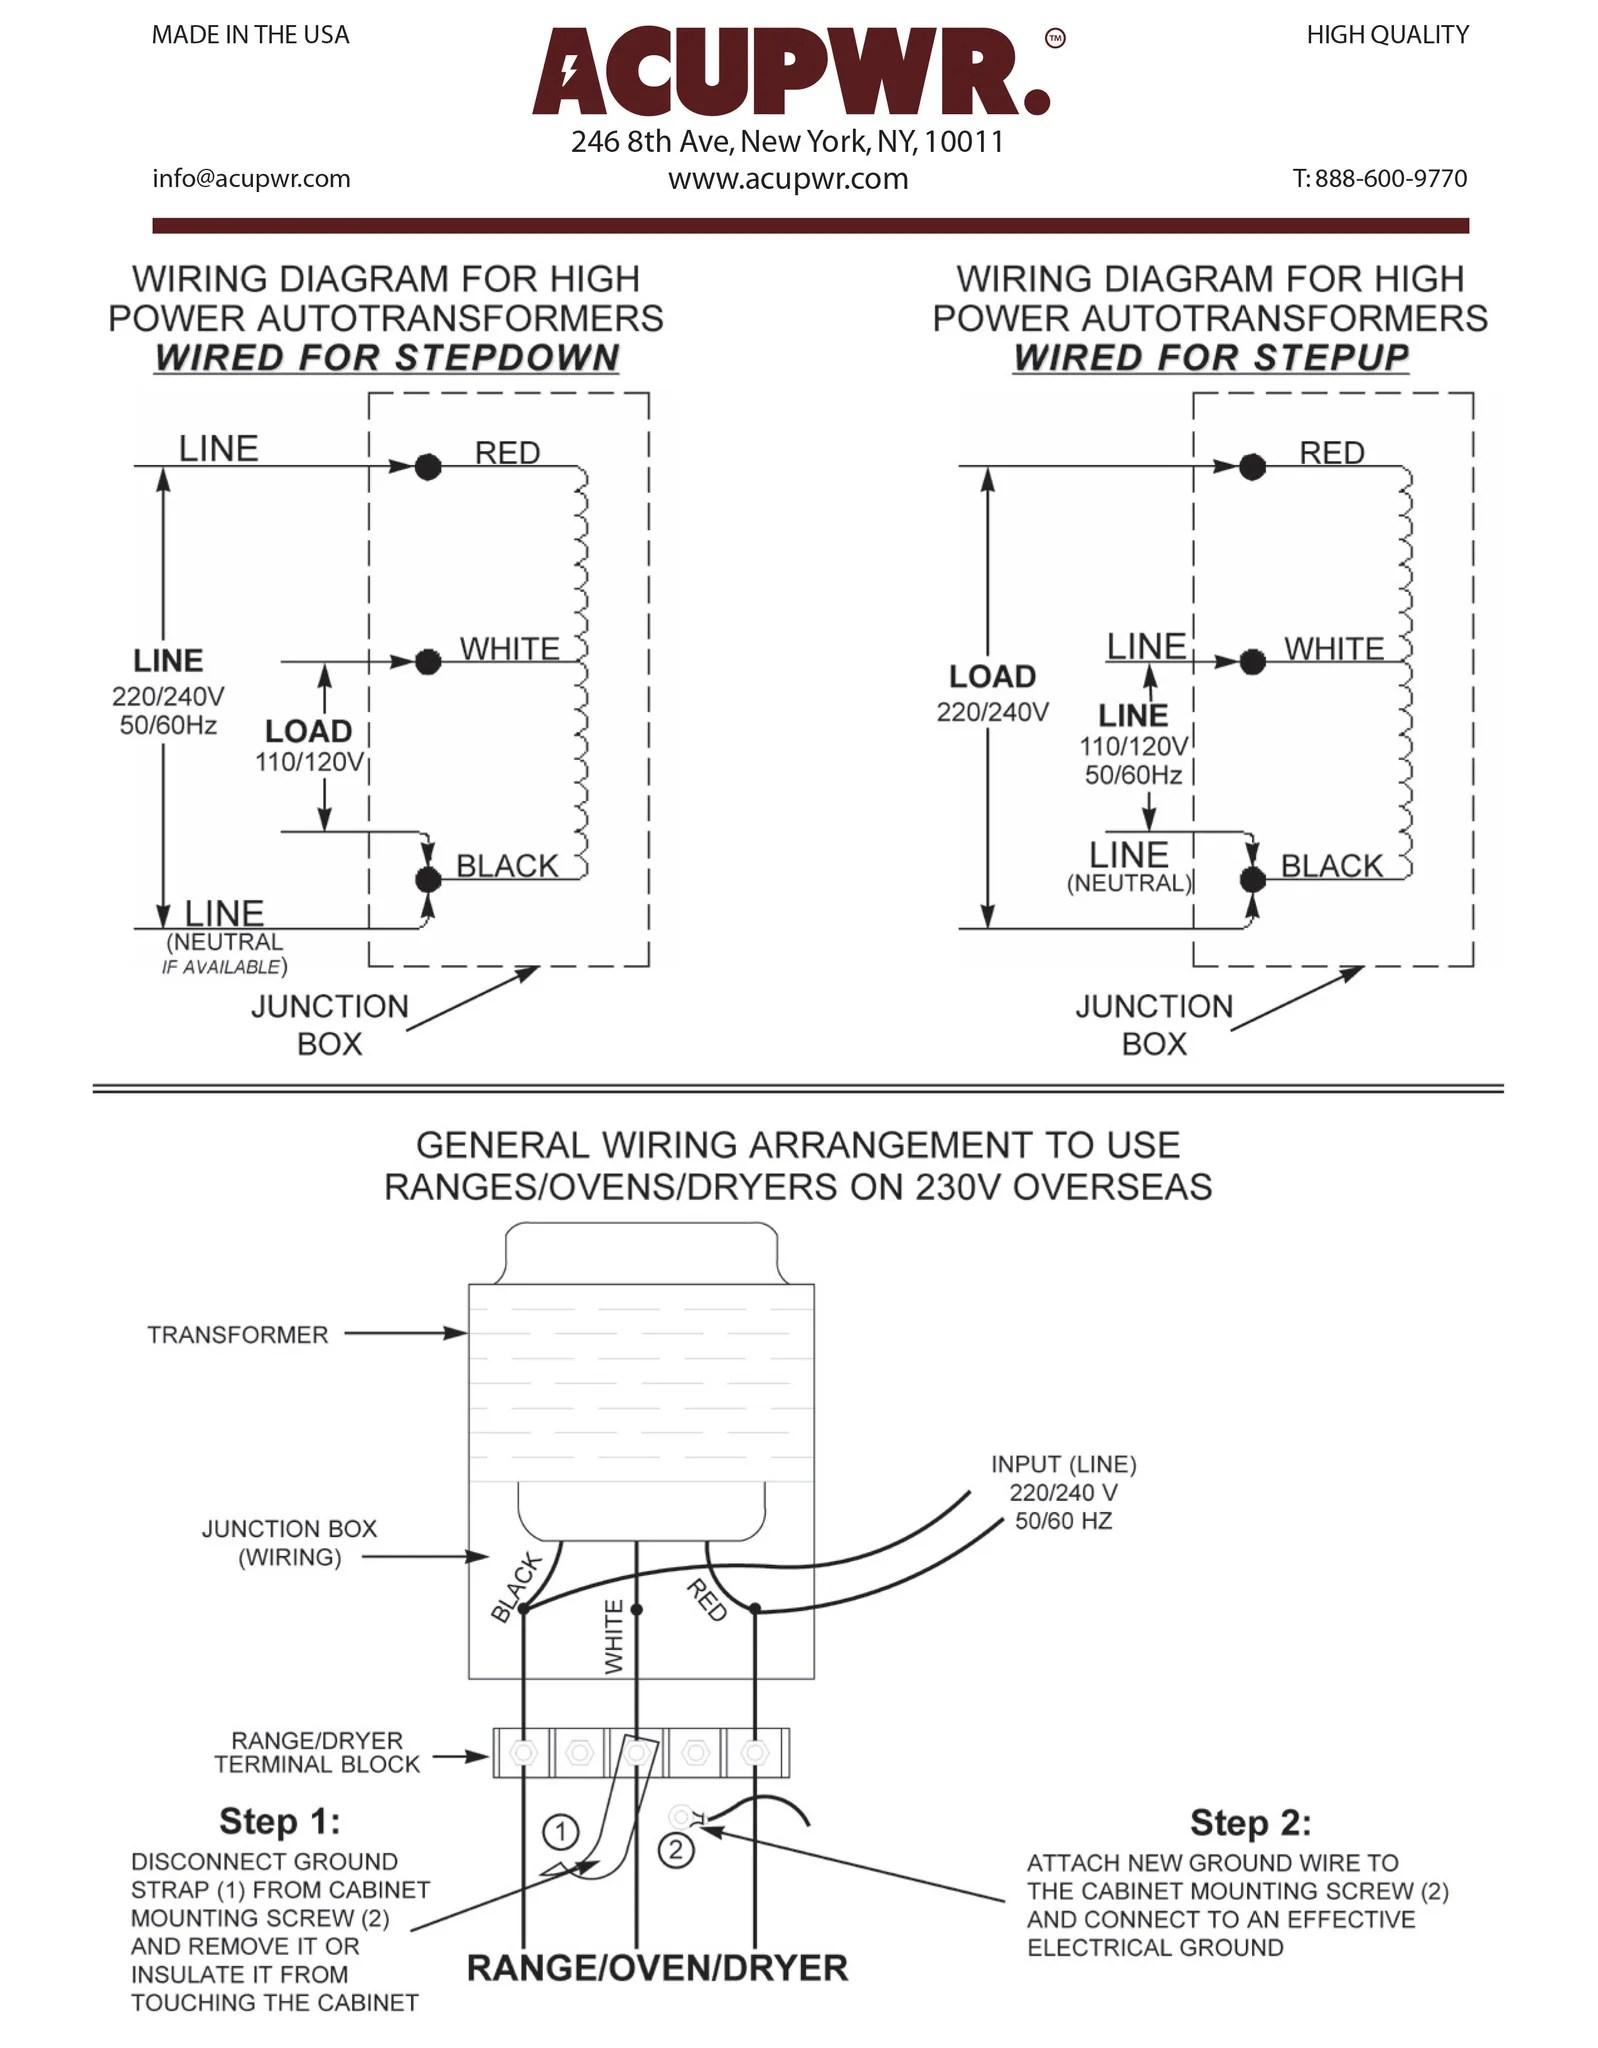 Großartig Abwärts Transformator Schaltplan Galerie - Schaltplan ...